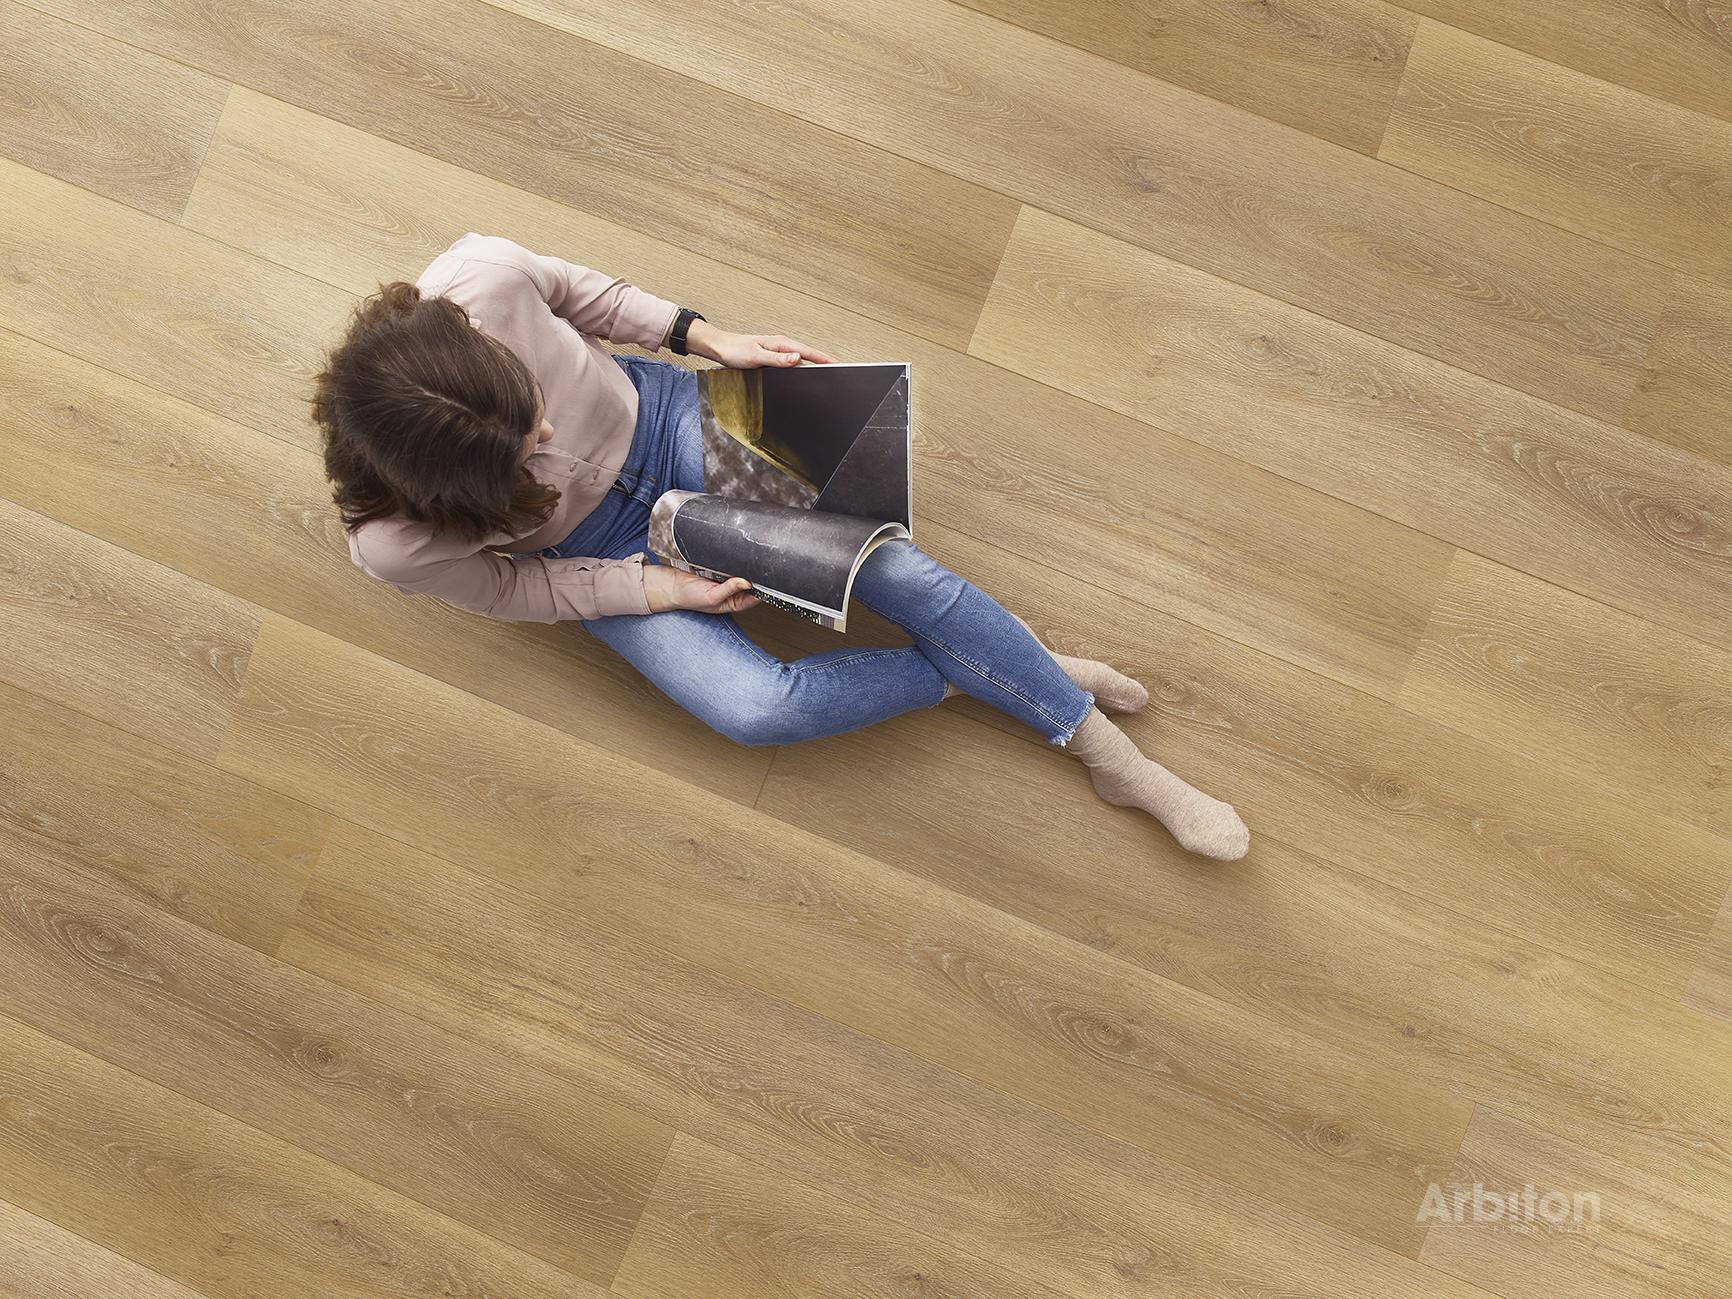 Der Boden ist das am meisten strapazierte Element in Haus und Wohnung. Bild: Arbiton.